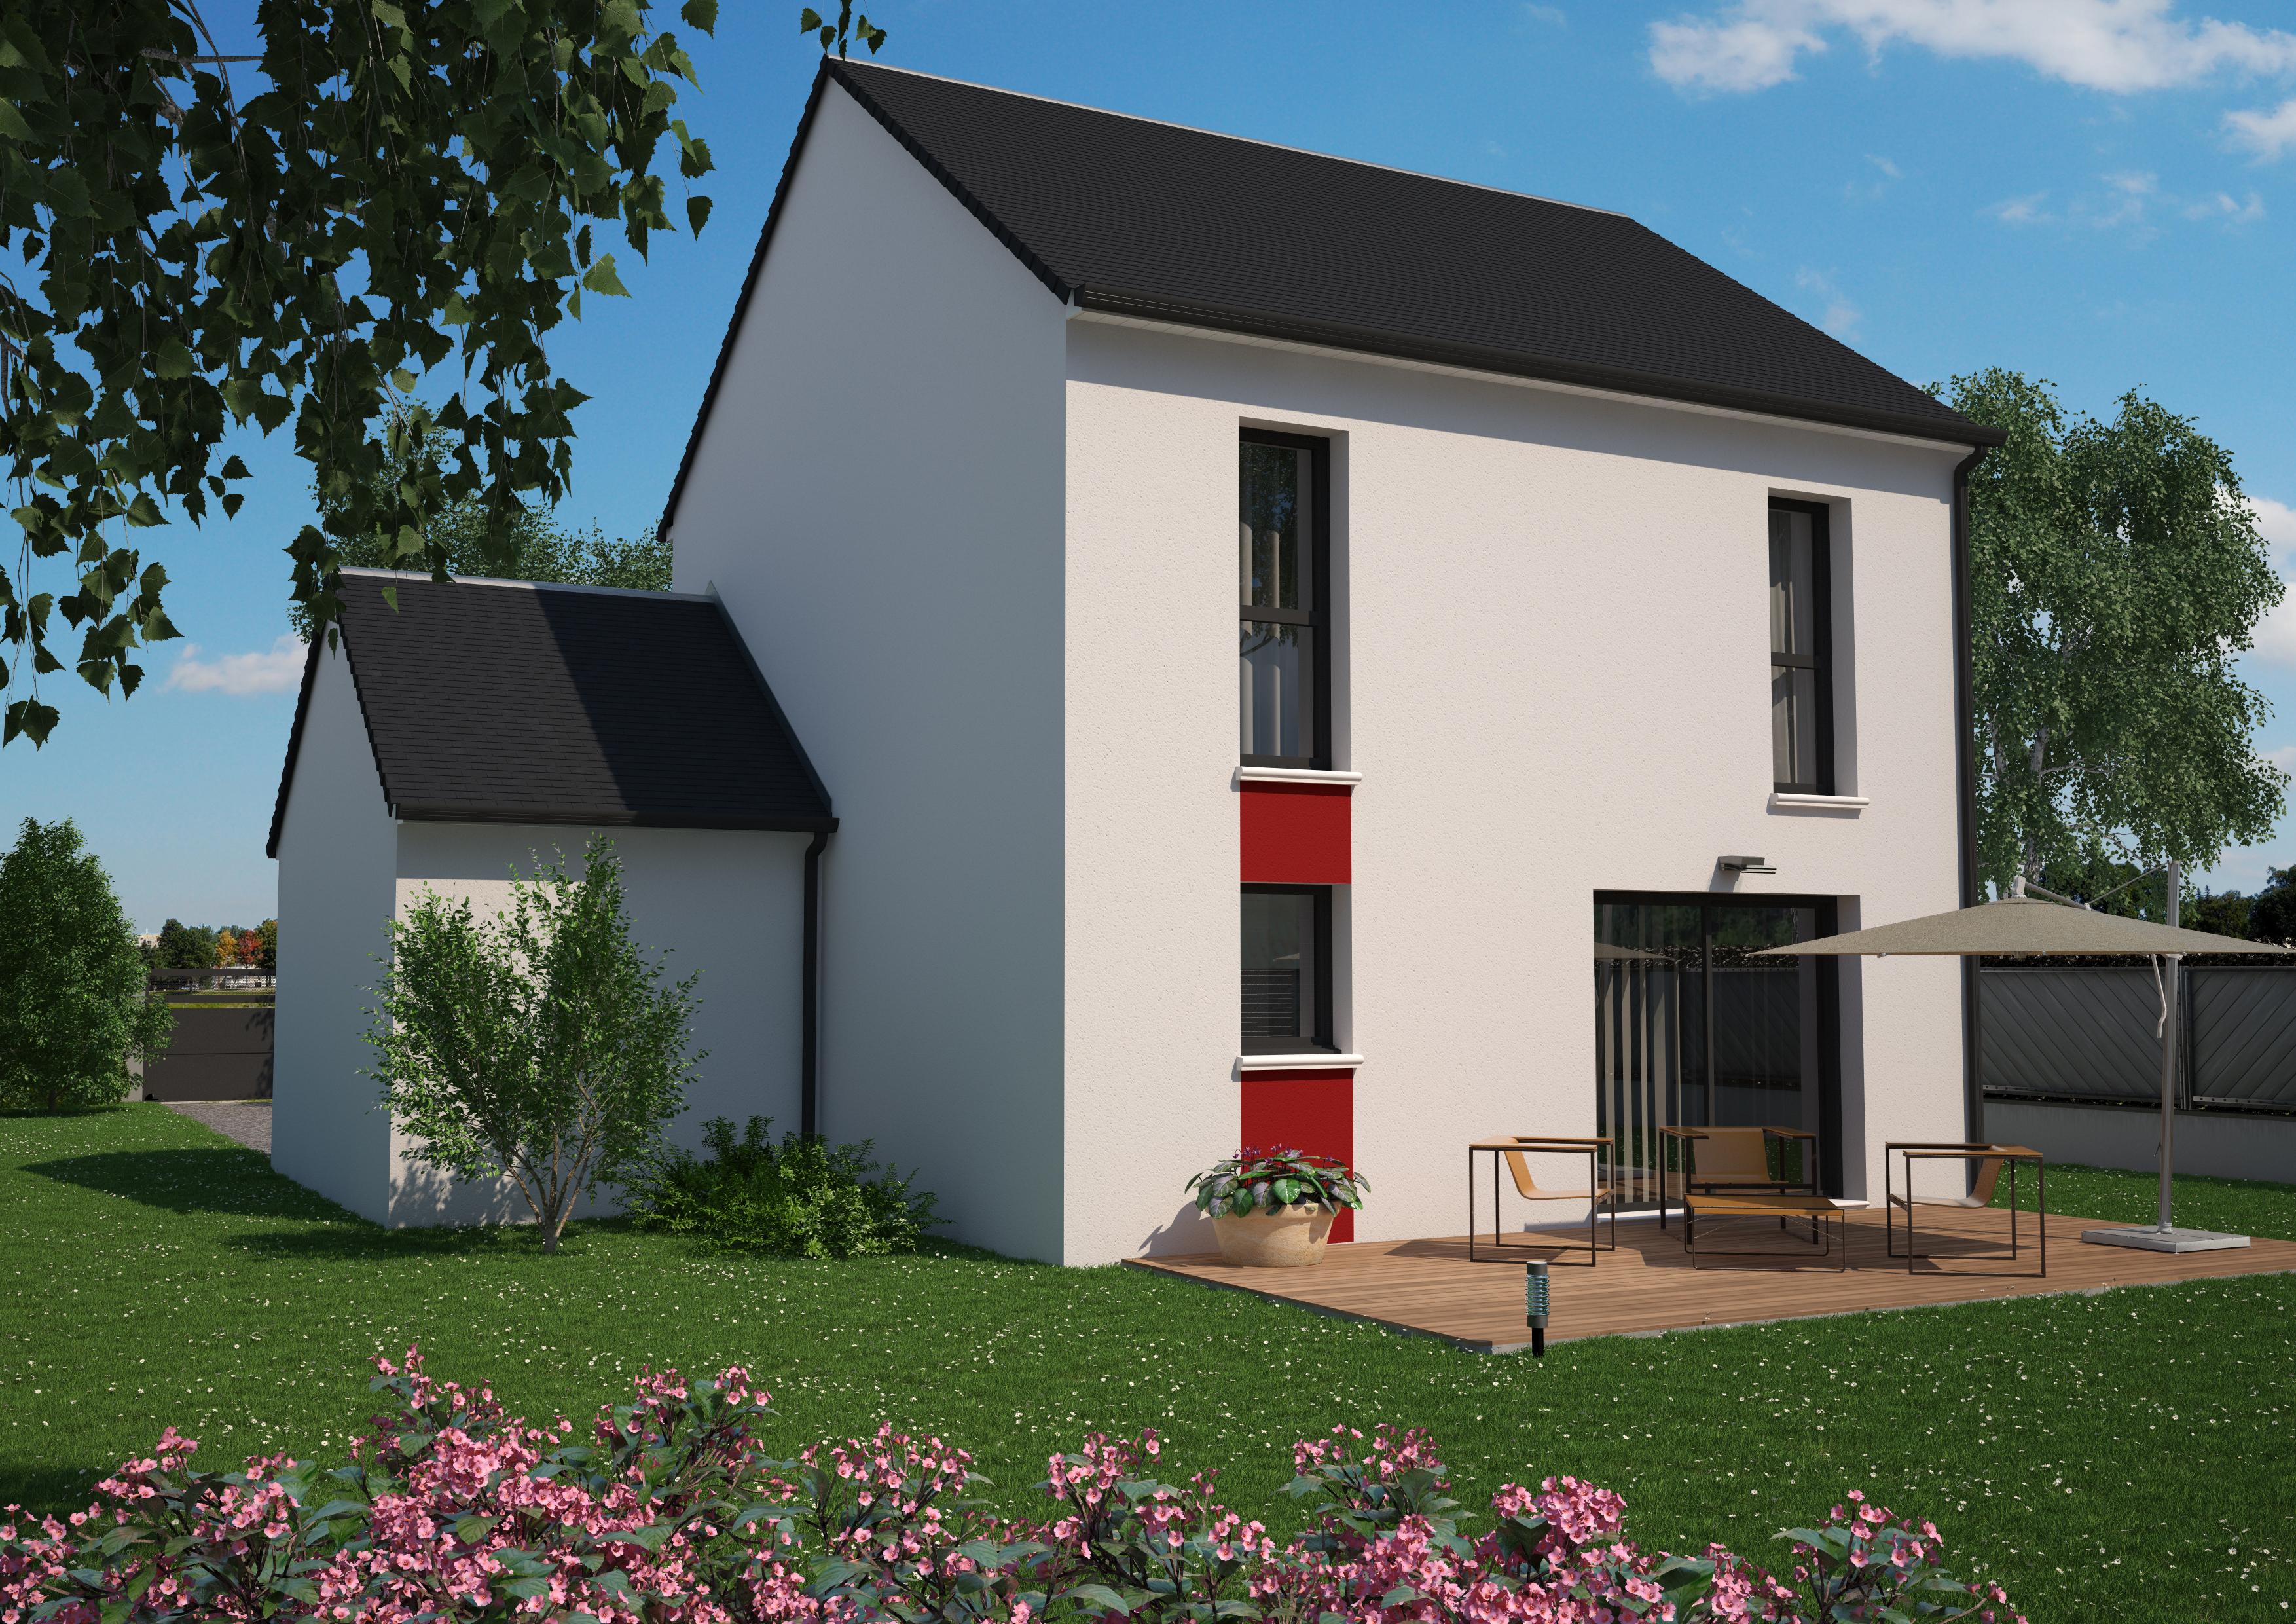 Maison à vendre à Saint-Cyr-en-Bourg